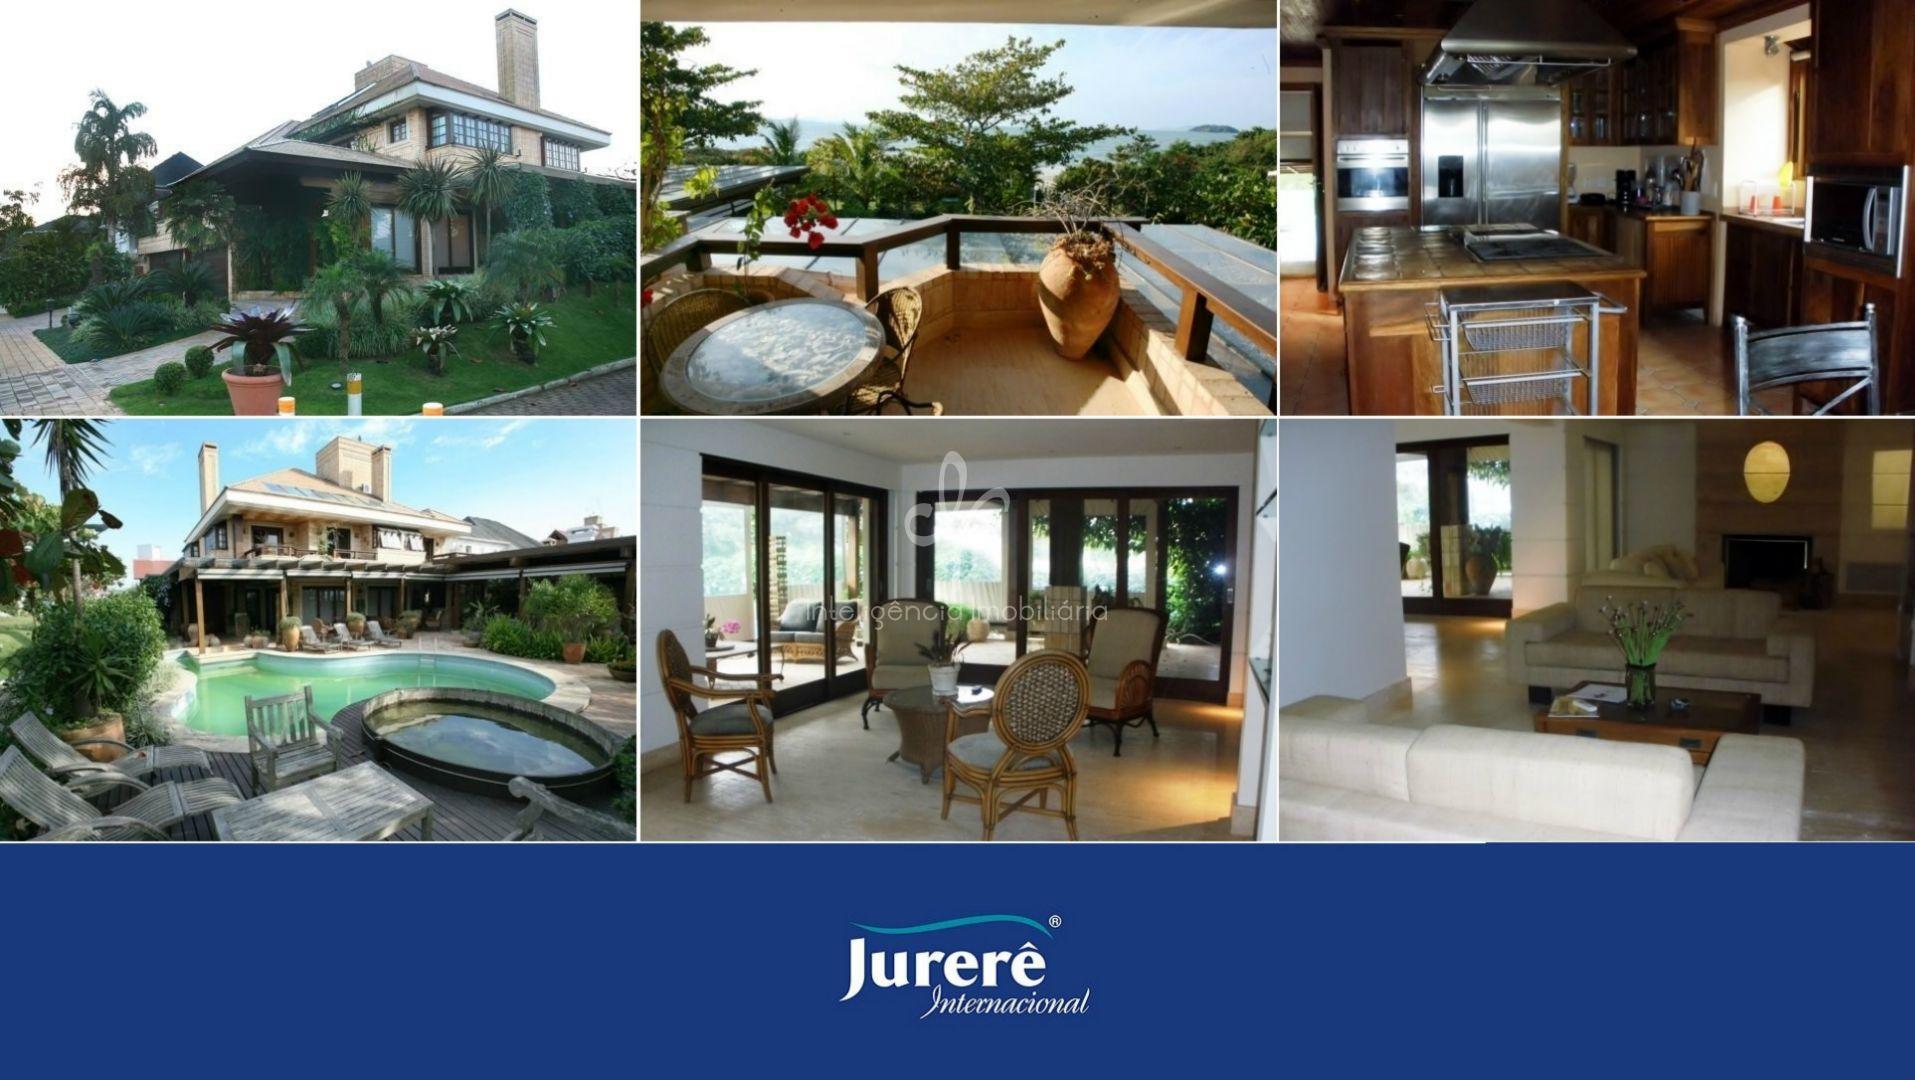 Casa espetacular frente mar à venda em Jurerê Internacional, Florianópolis.